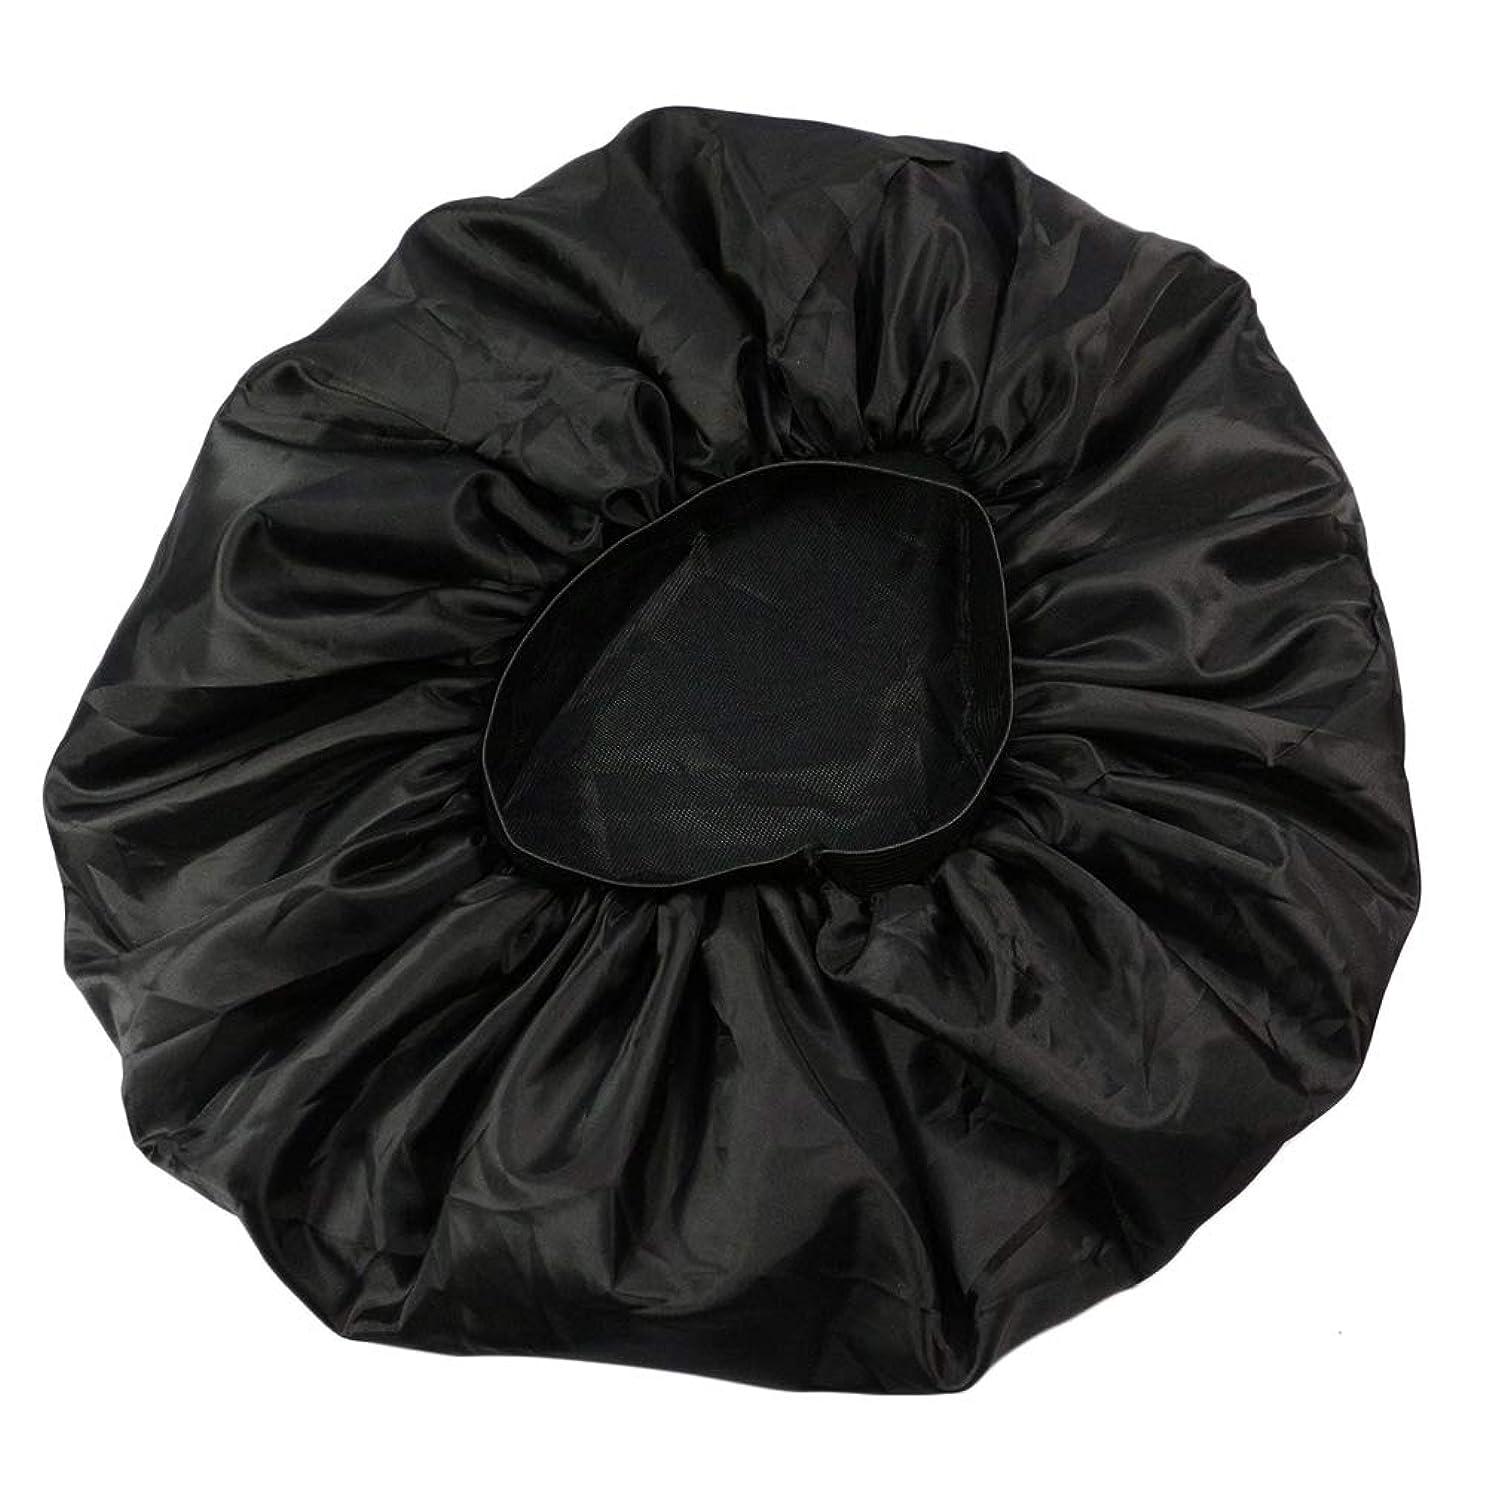 抑止する社会主義近傍Lurrose 特大伸縮性のあるスリーピングキャップ防毛ナイトキャップサテンスリーピングキャップ(ブラック)